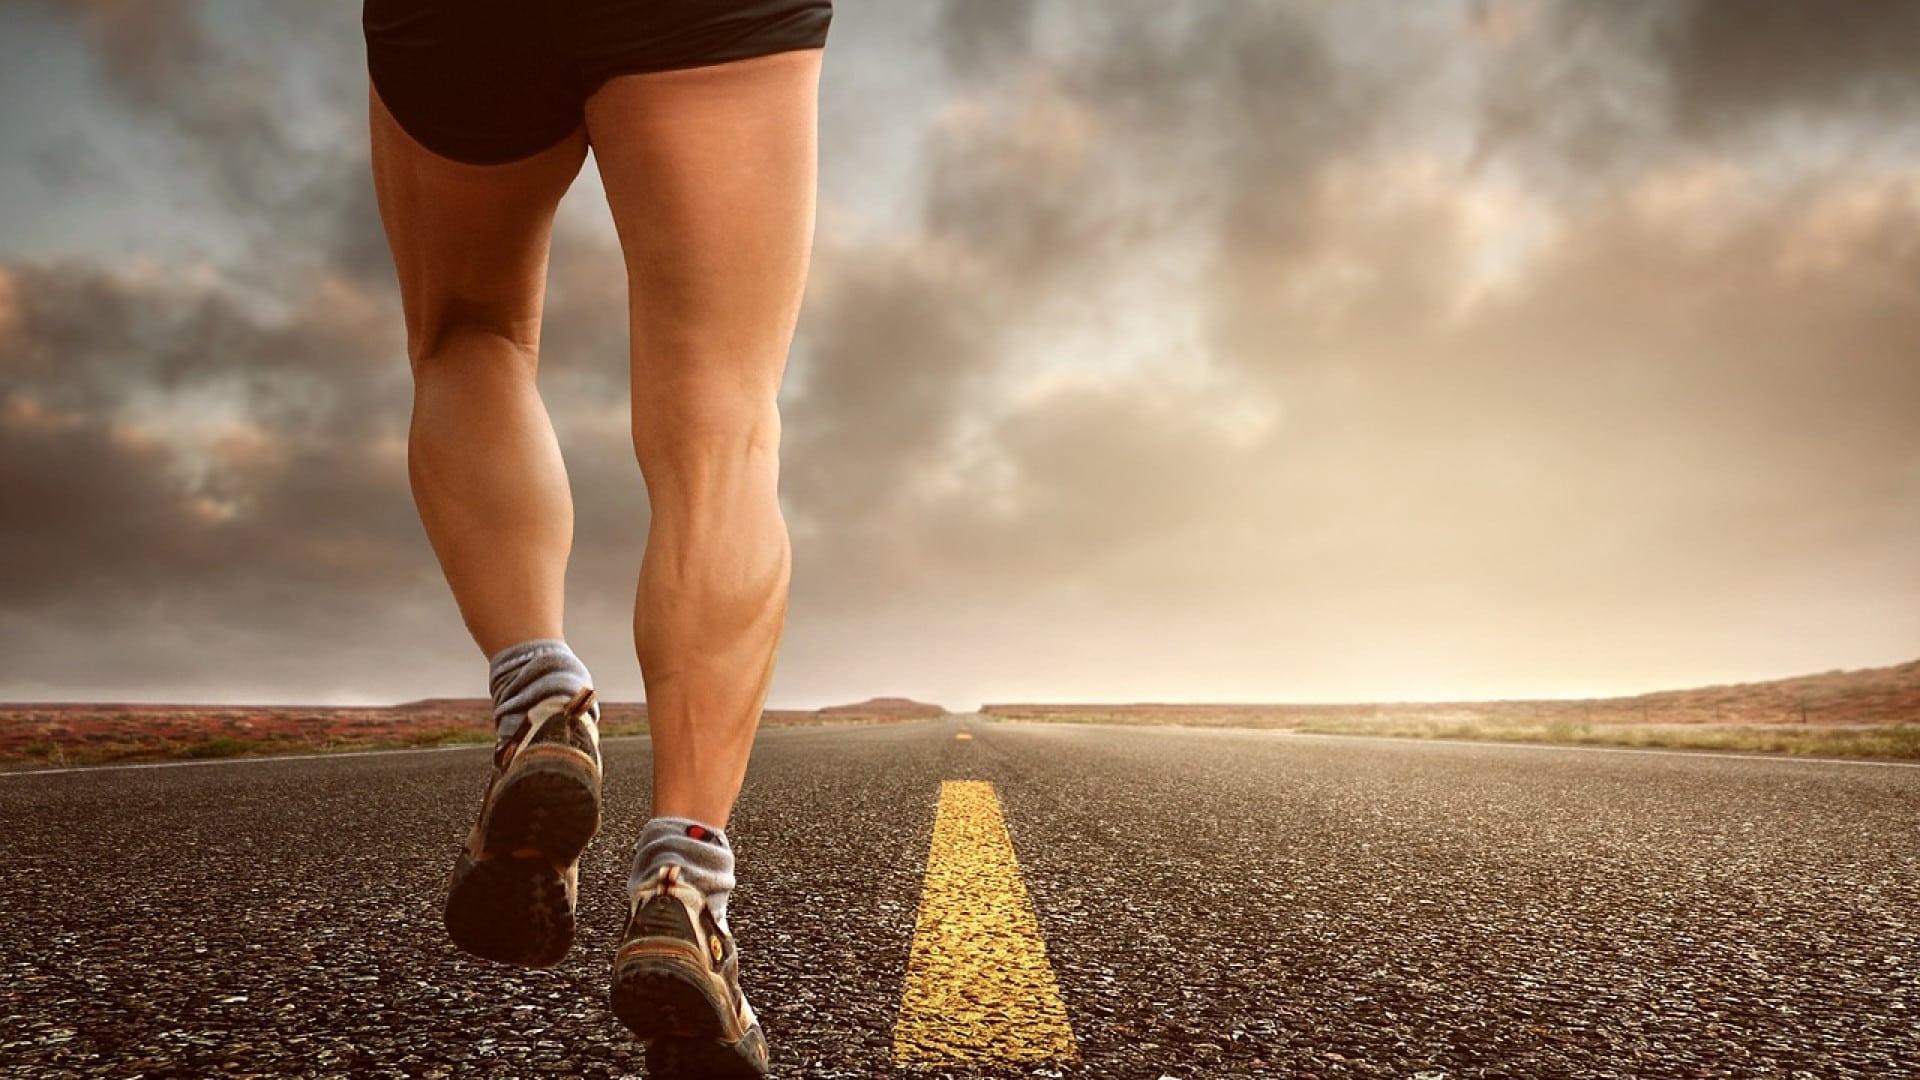 comment-prendre-efficacement-du-muscle